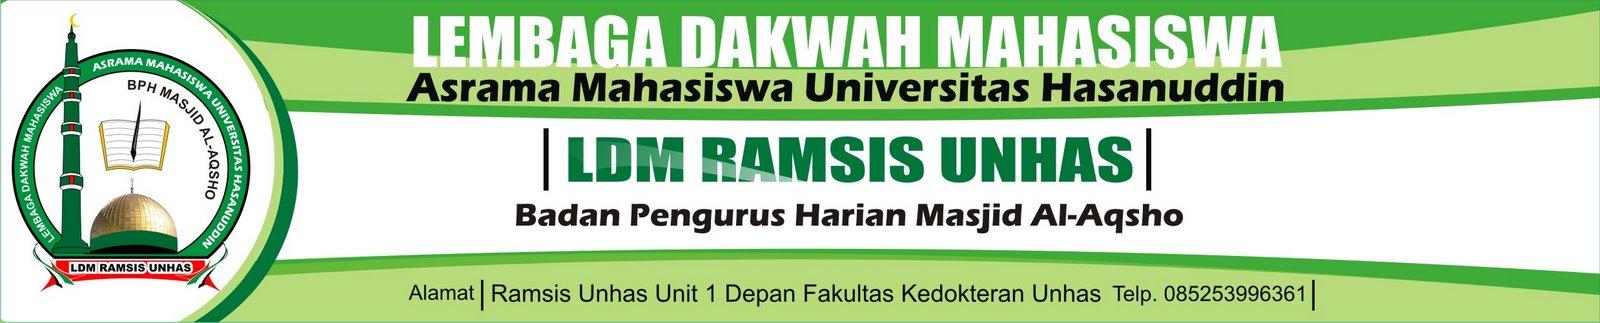 Lembaga Dakwah Mahasiswa Ramsis Unhas